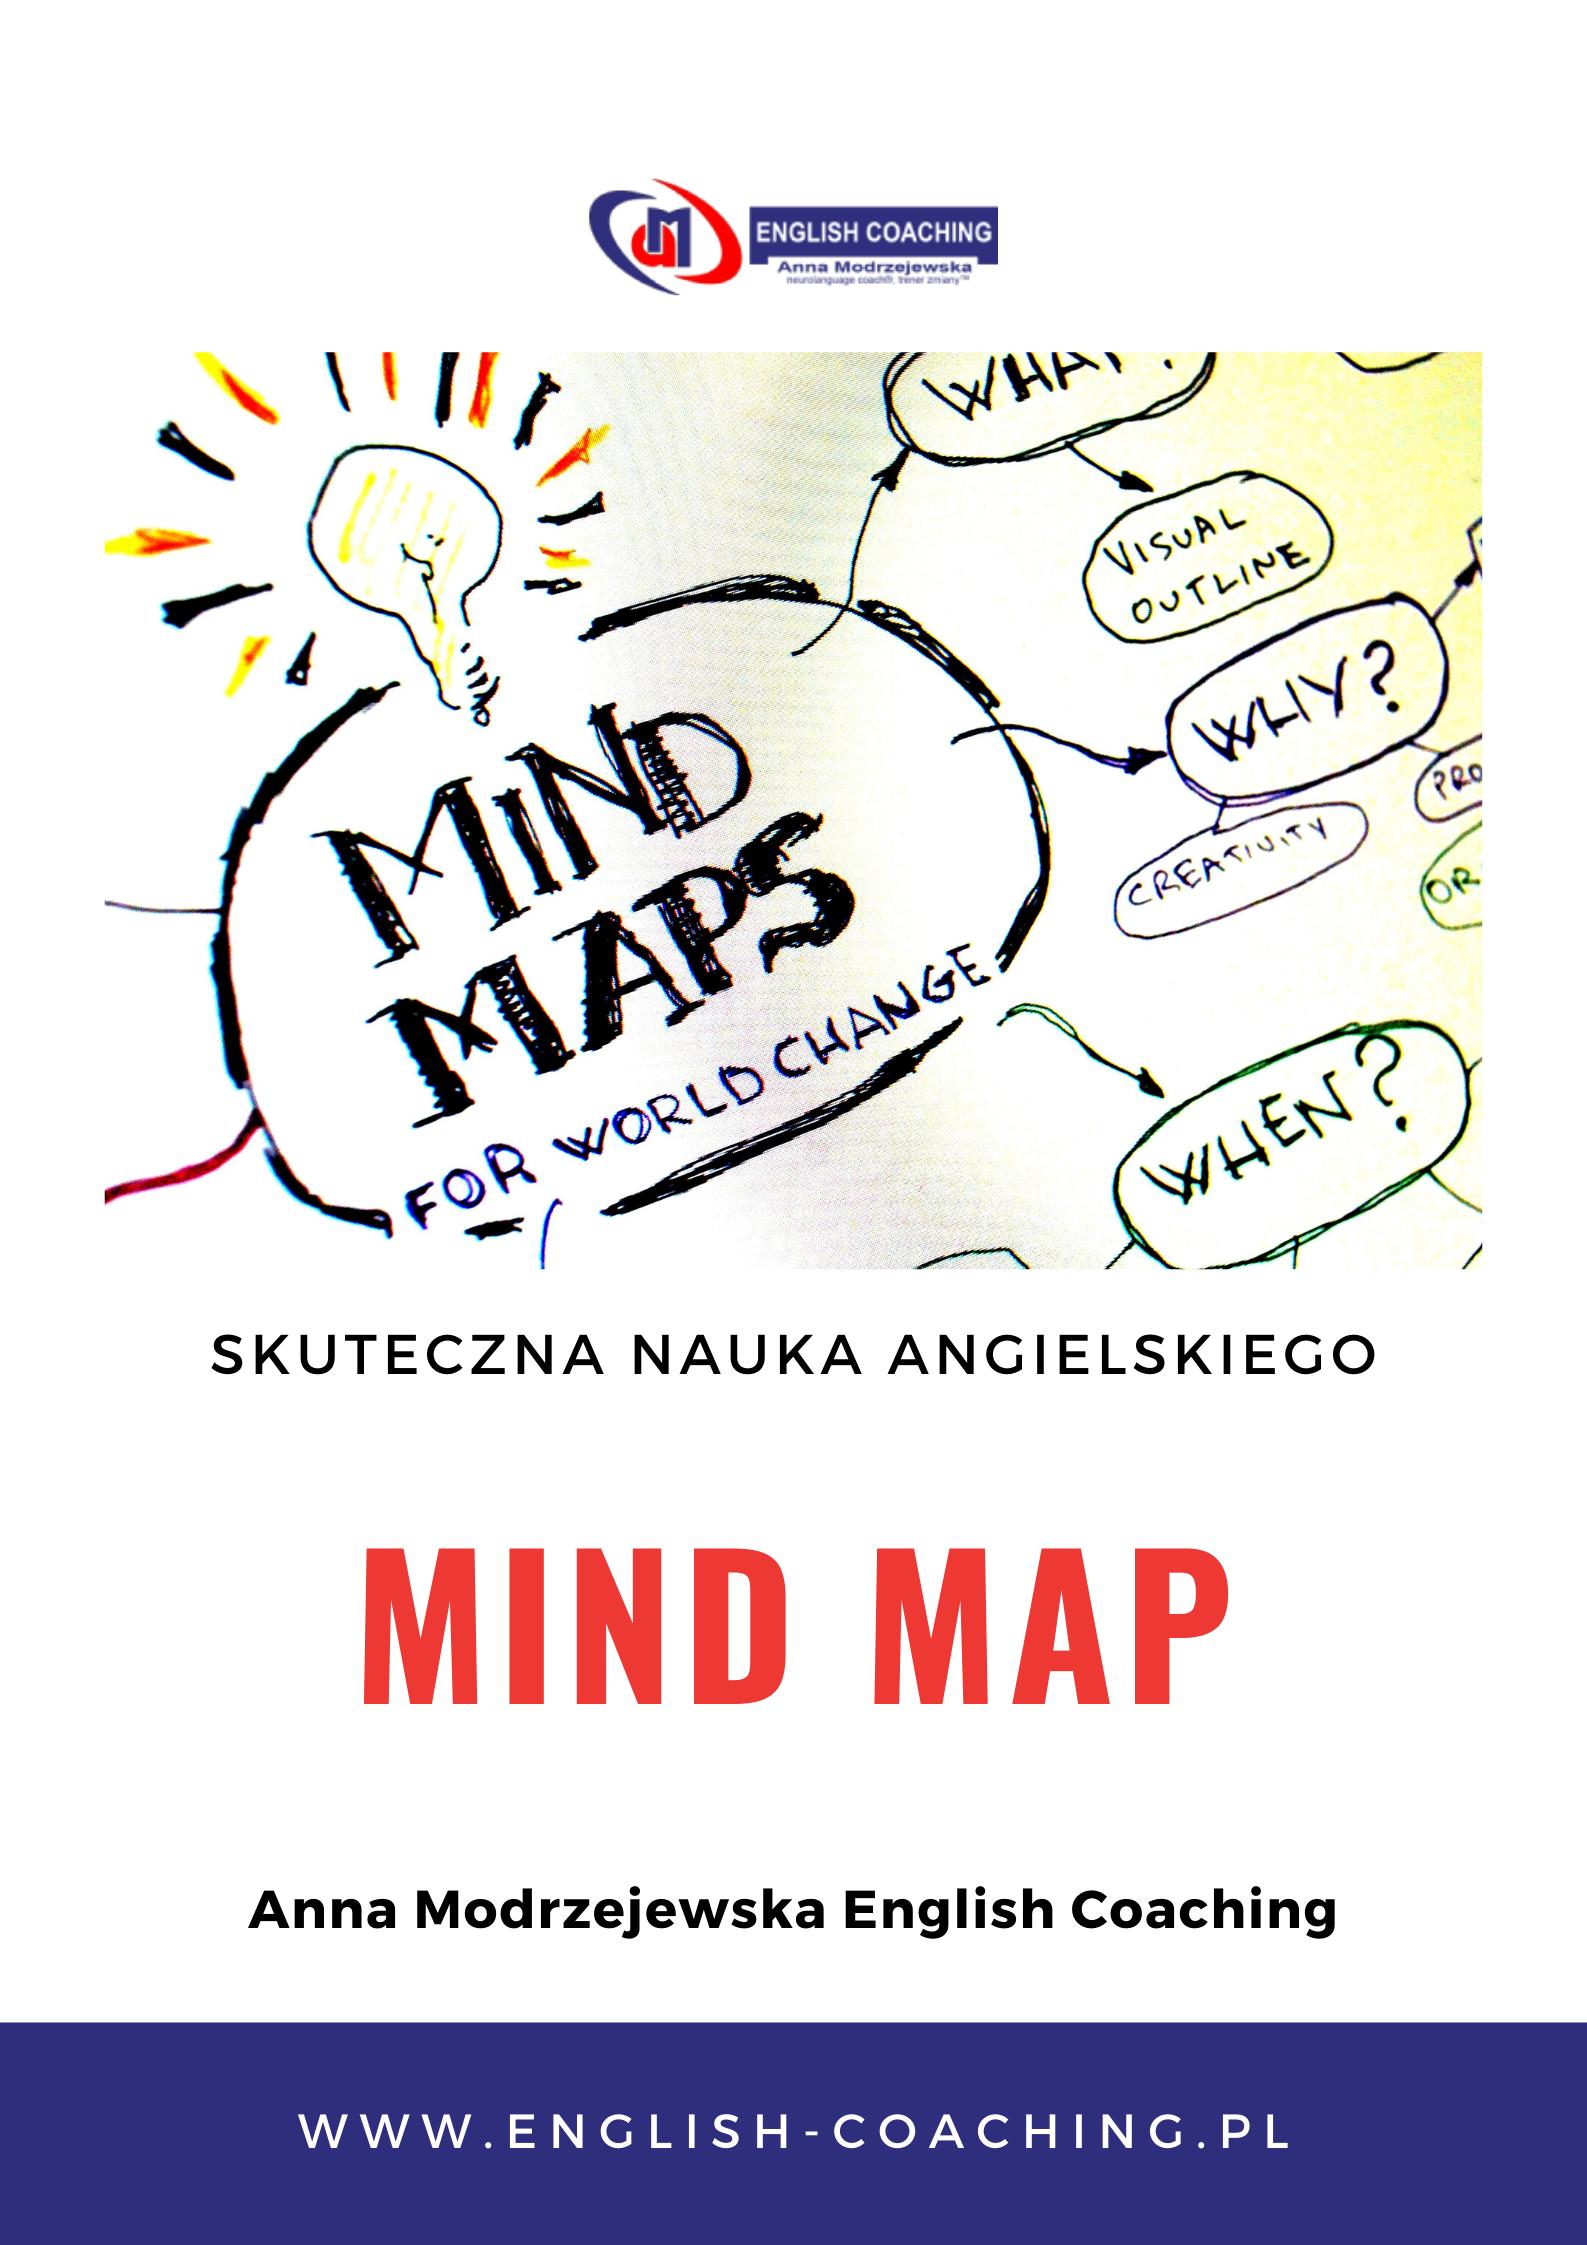 skuteczna nauka angielskiego w oparciu o mind map